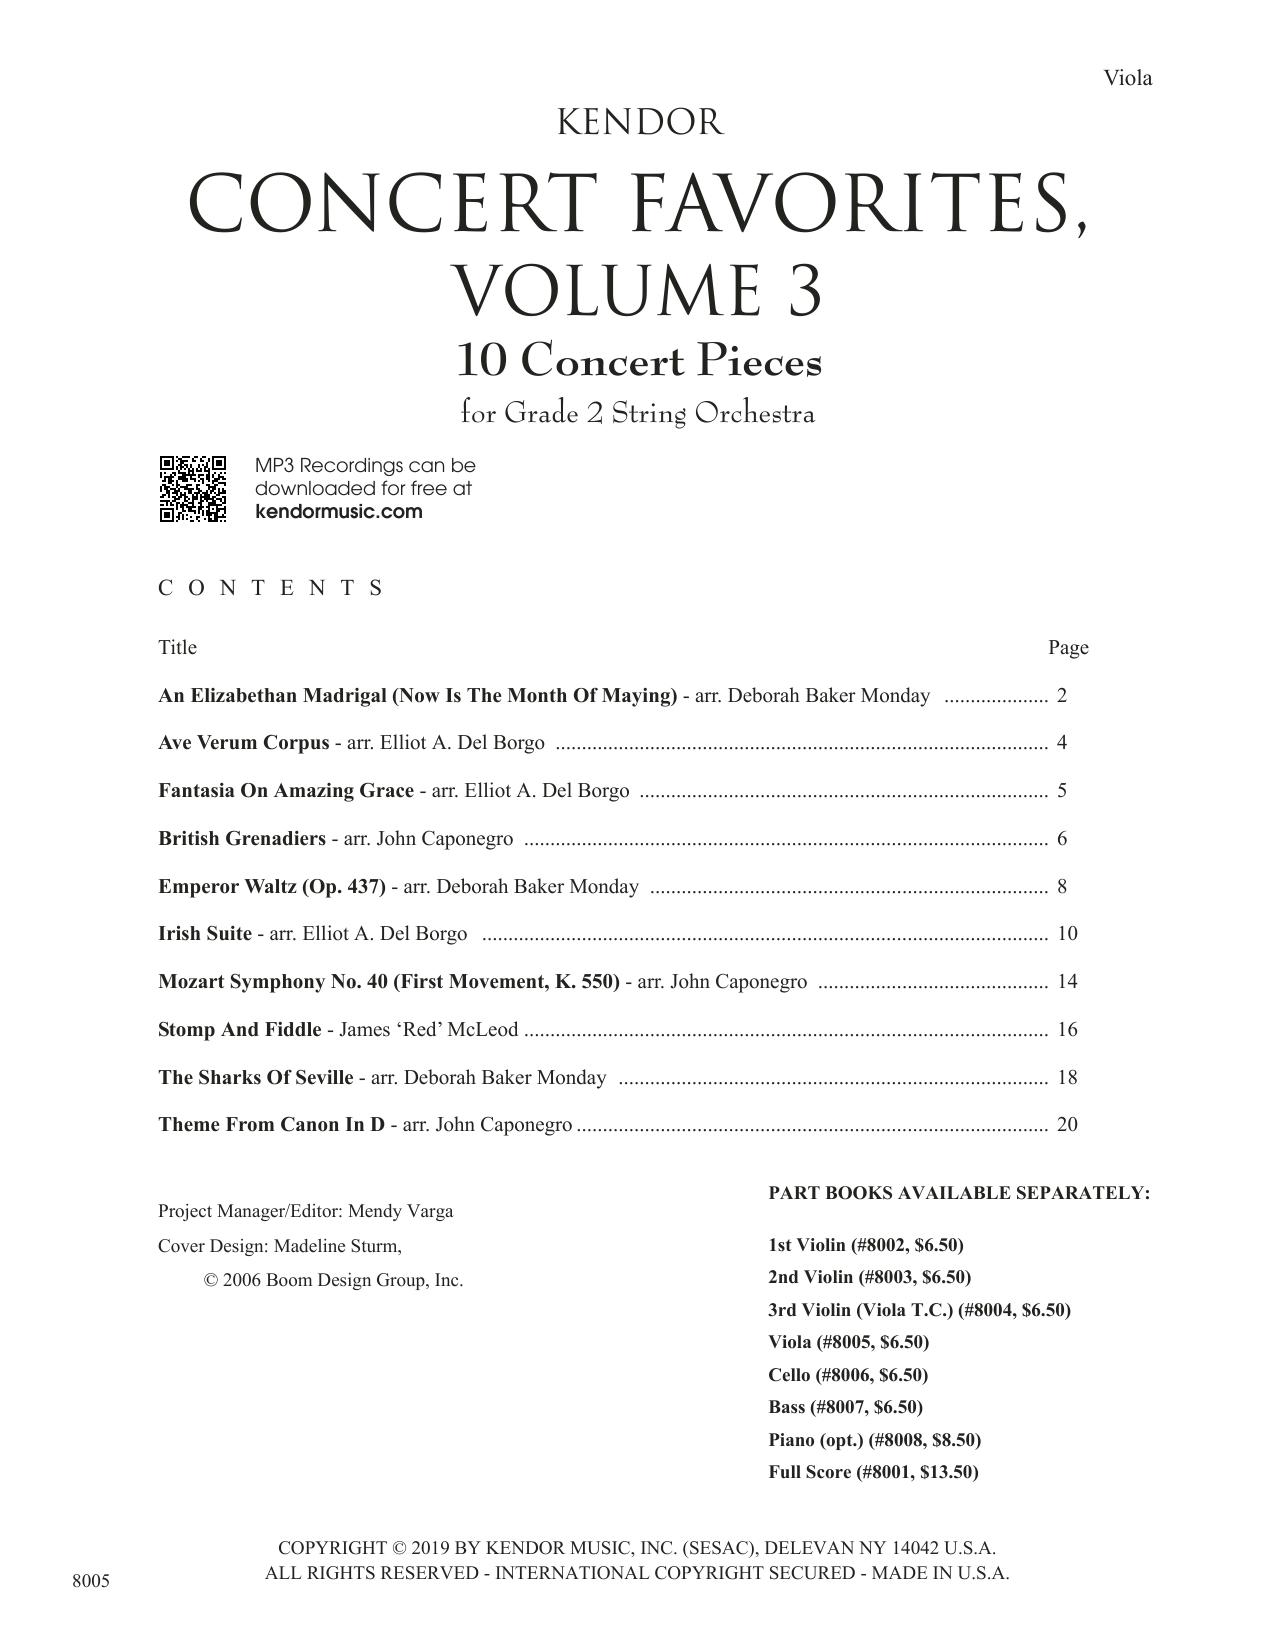 Kendor Concert Favorites, Volume 3 - Viola Sheet Music